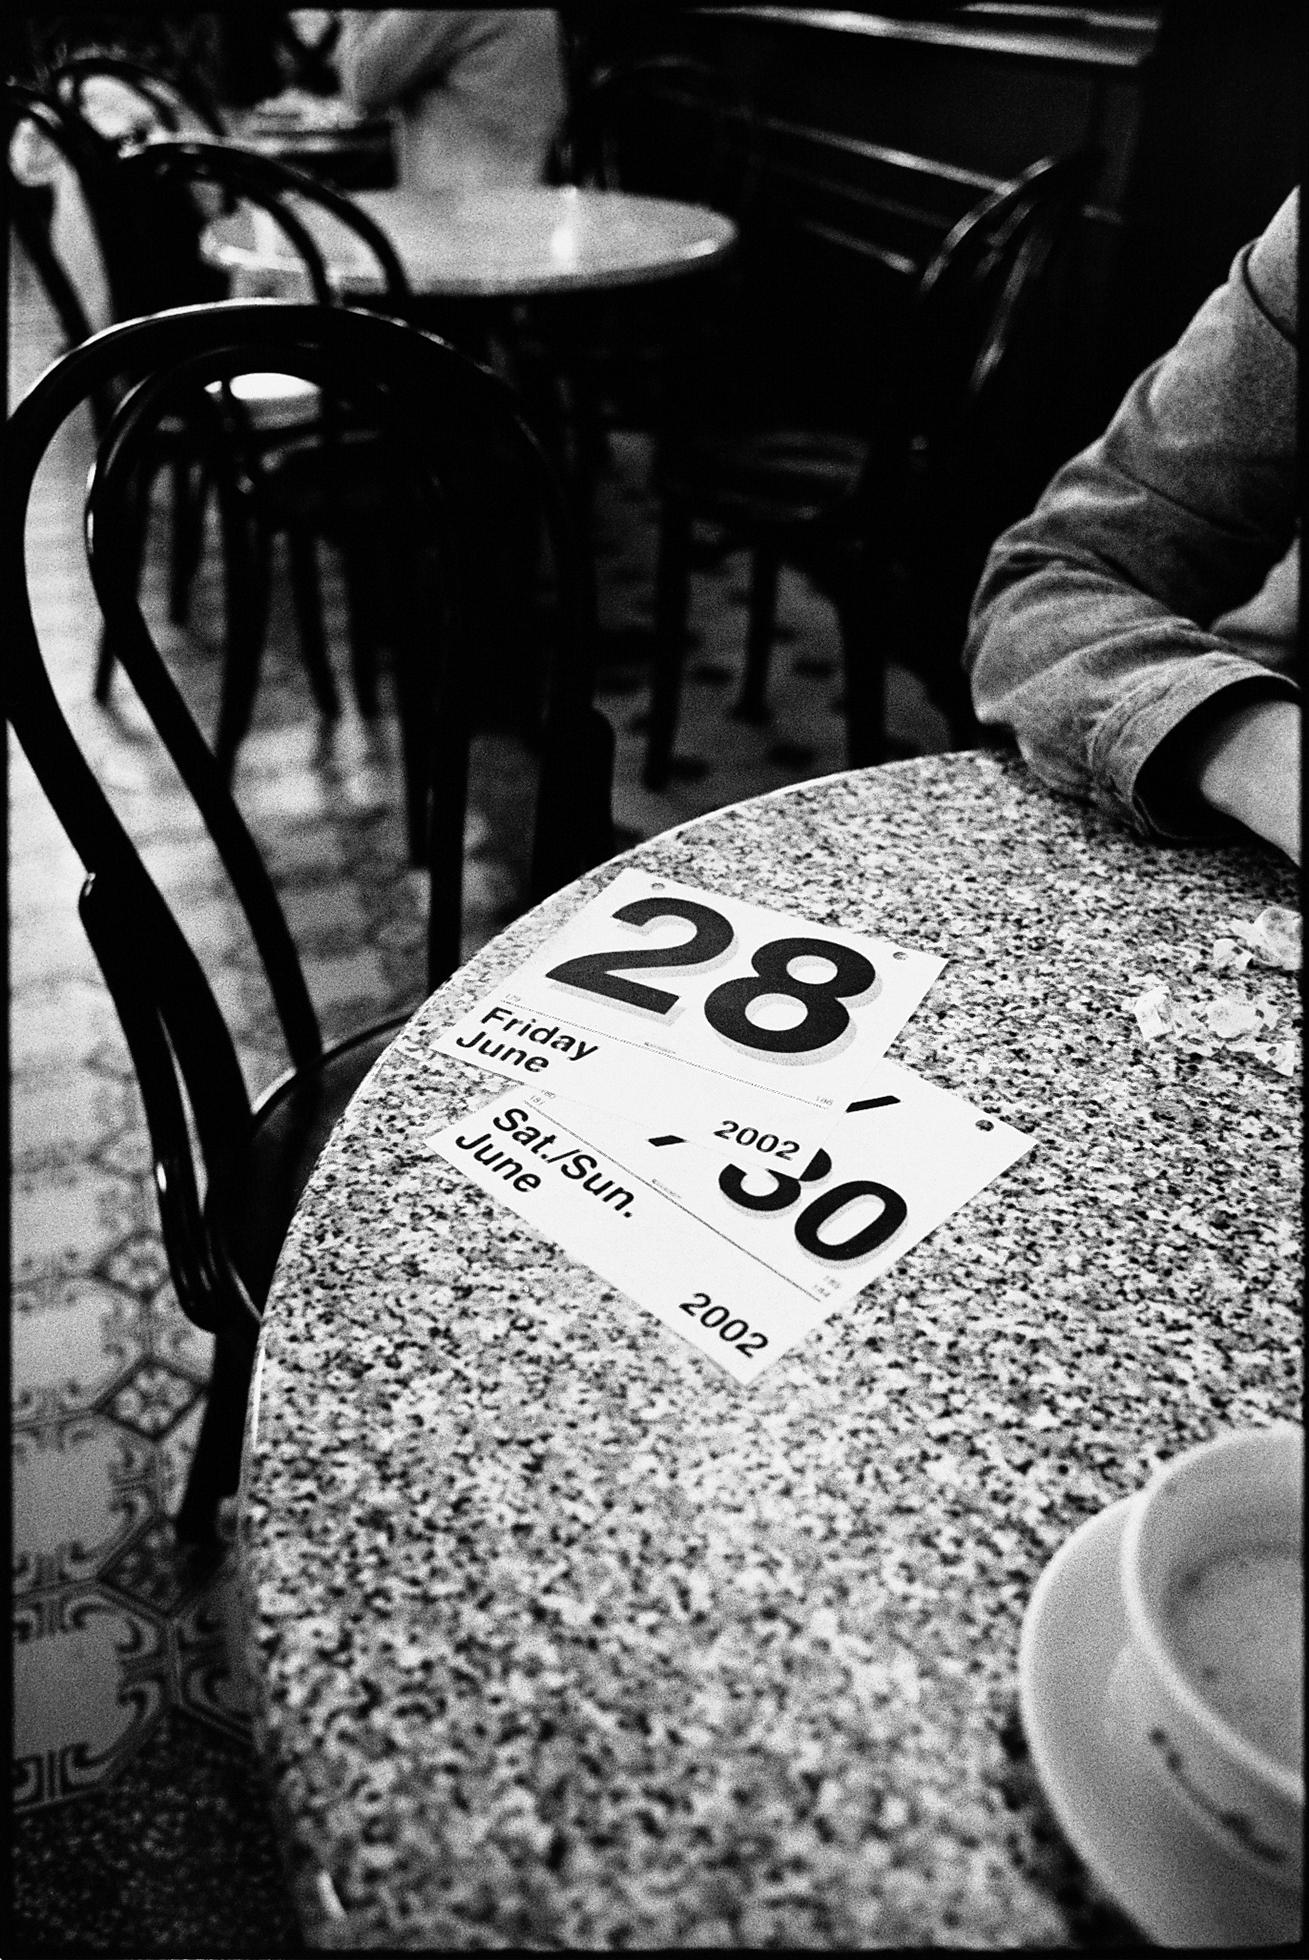 337 - Wilson - Turning Thirty